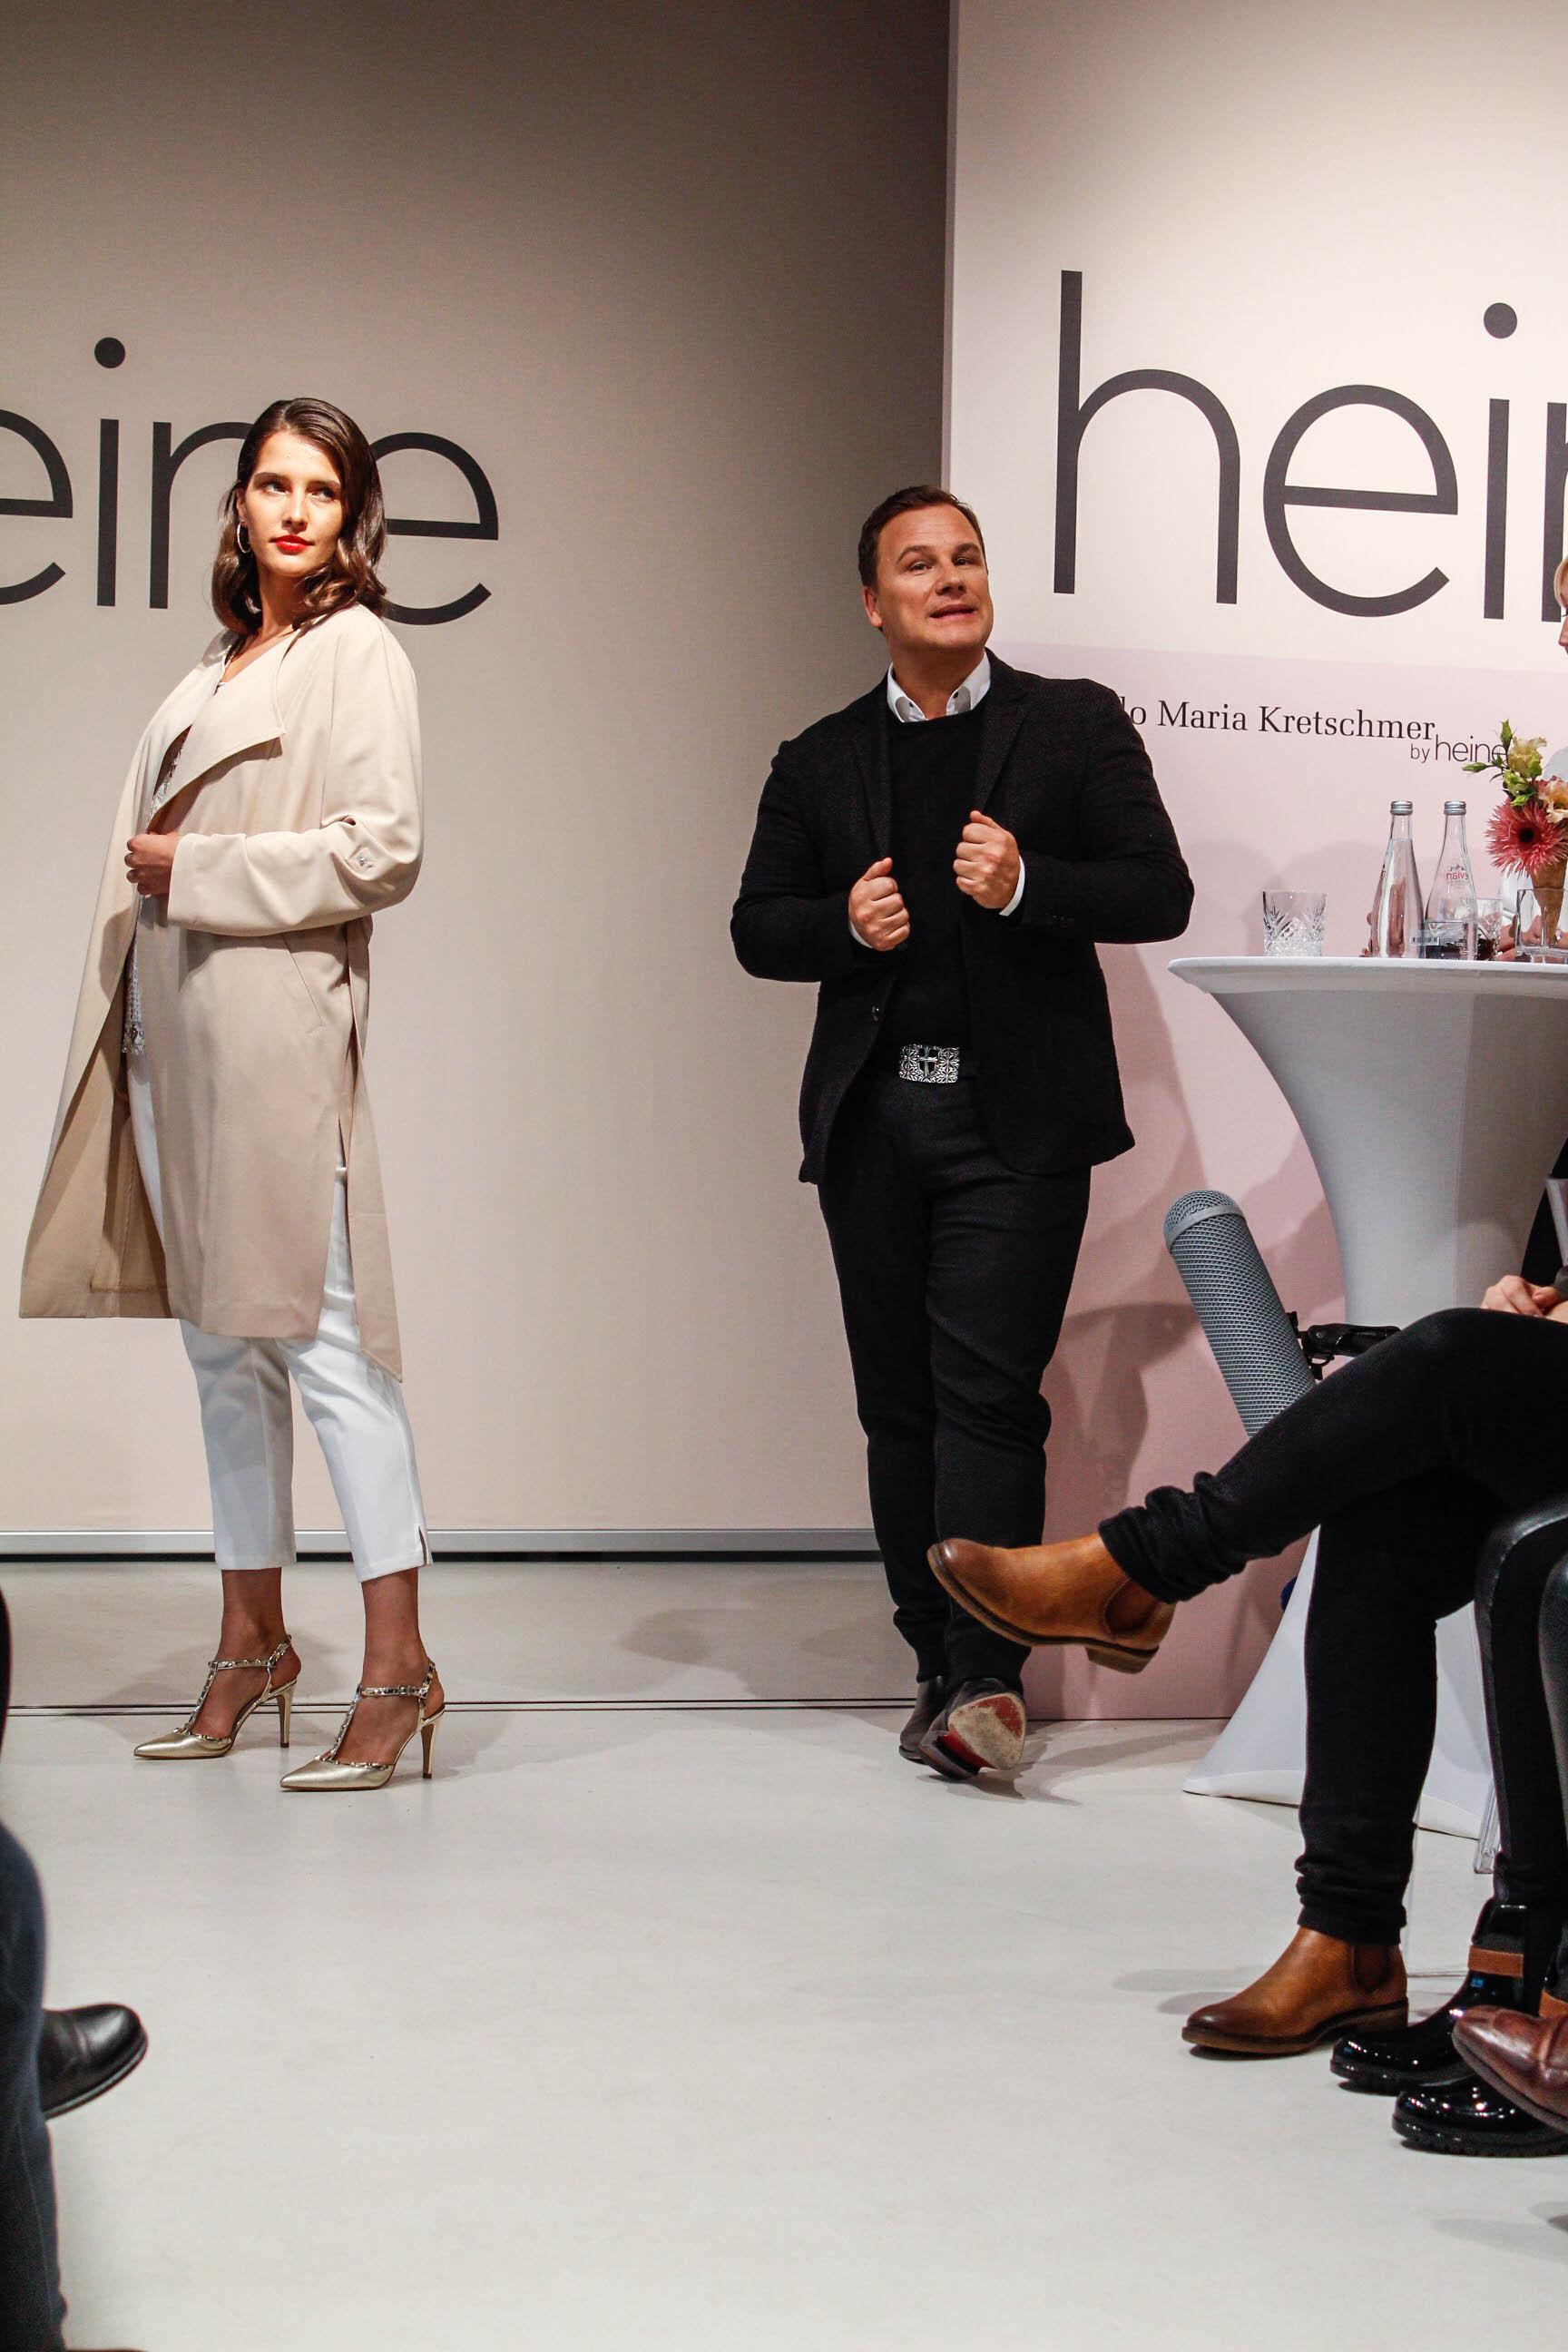 Guido Maria Kretschmer Event in Hamburg Dezember 2016 mit Heine und SchoenWild